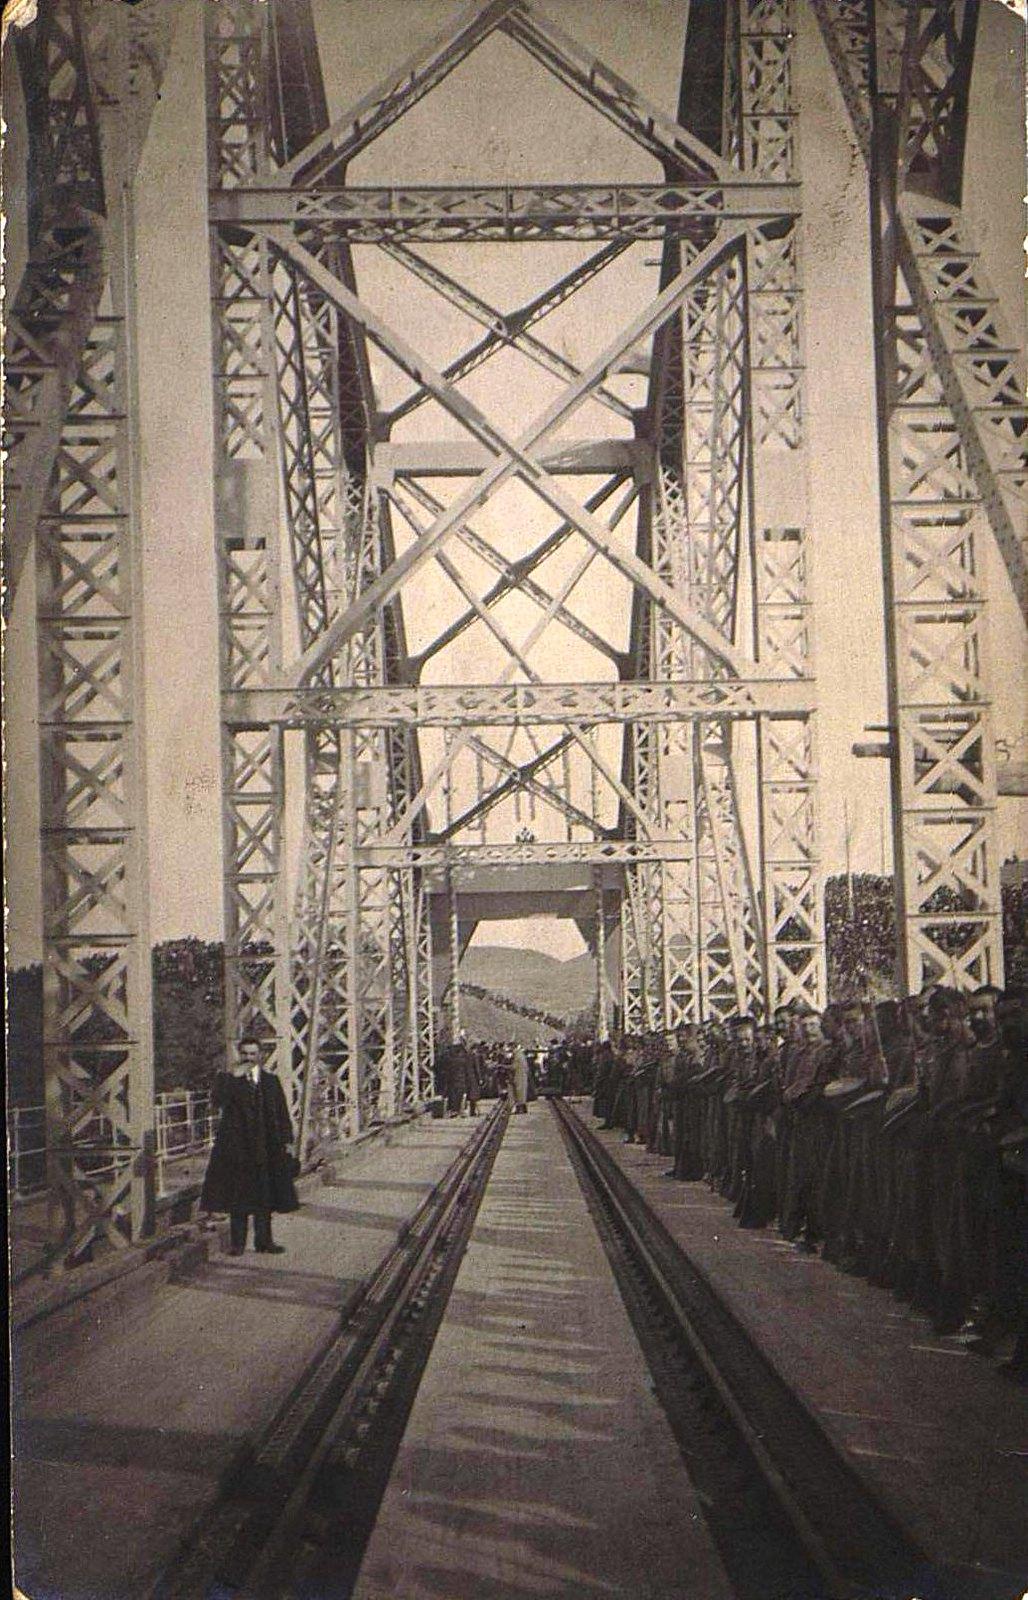 02. 1916. Открытие железнодорожного моста через реку Амур.Октябрь